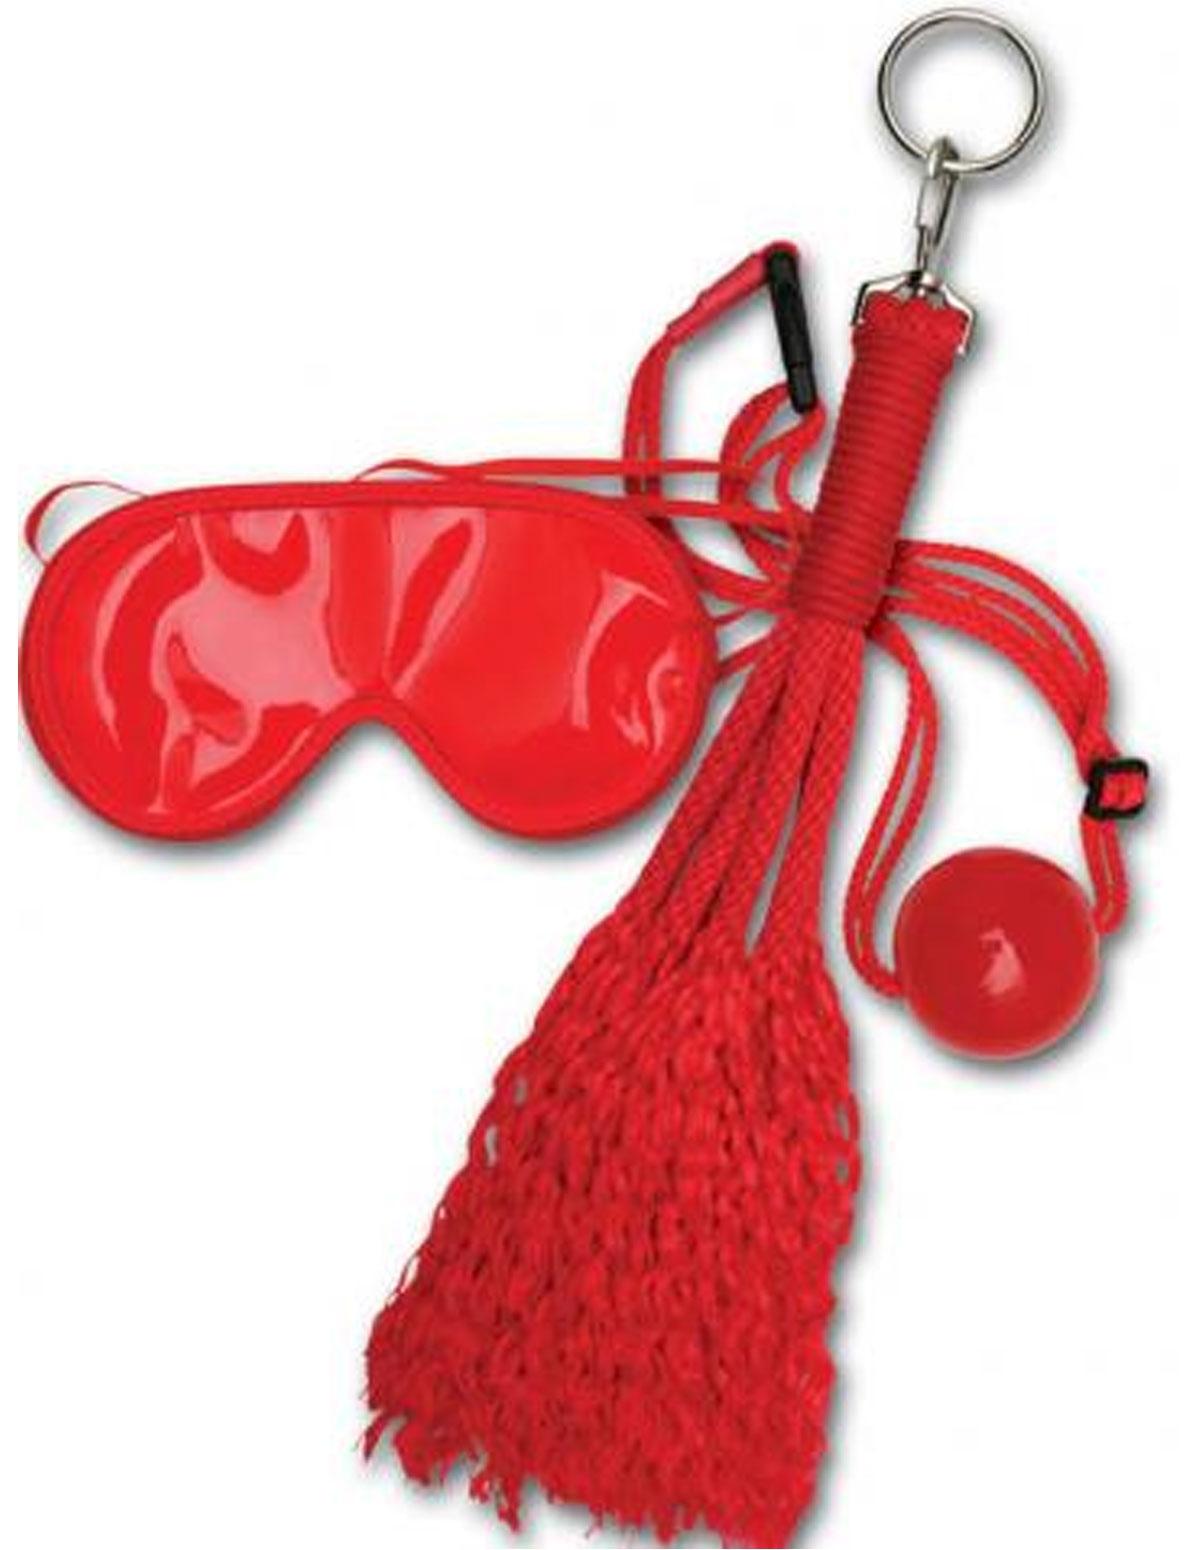 Silk Love Rope Kit